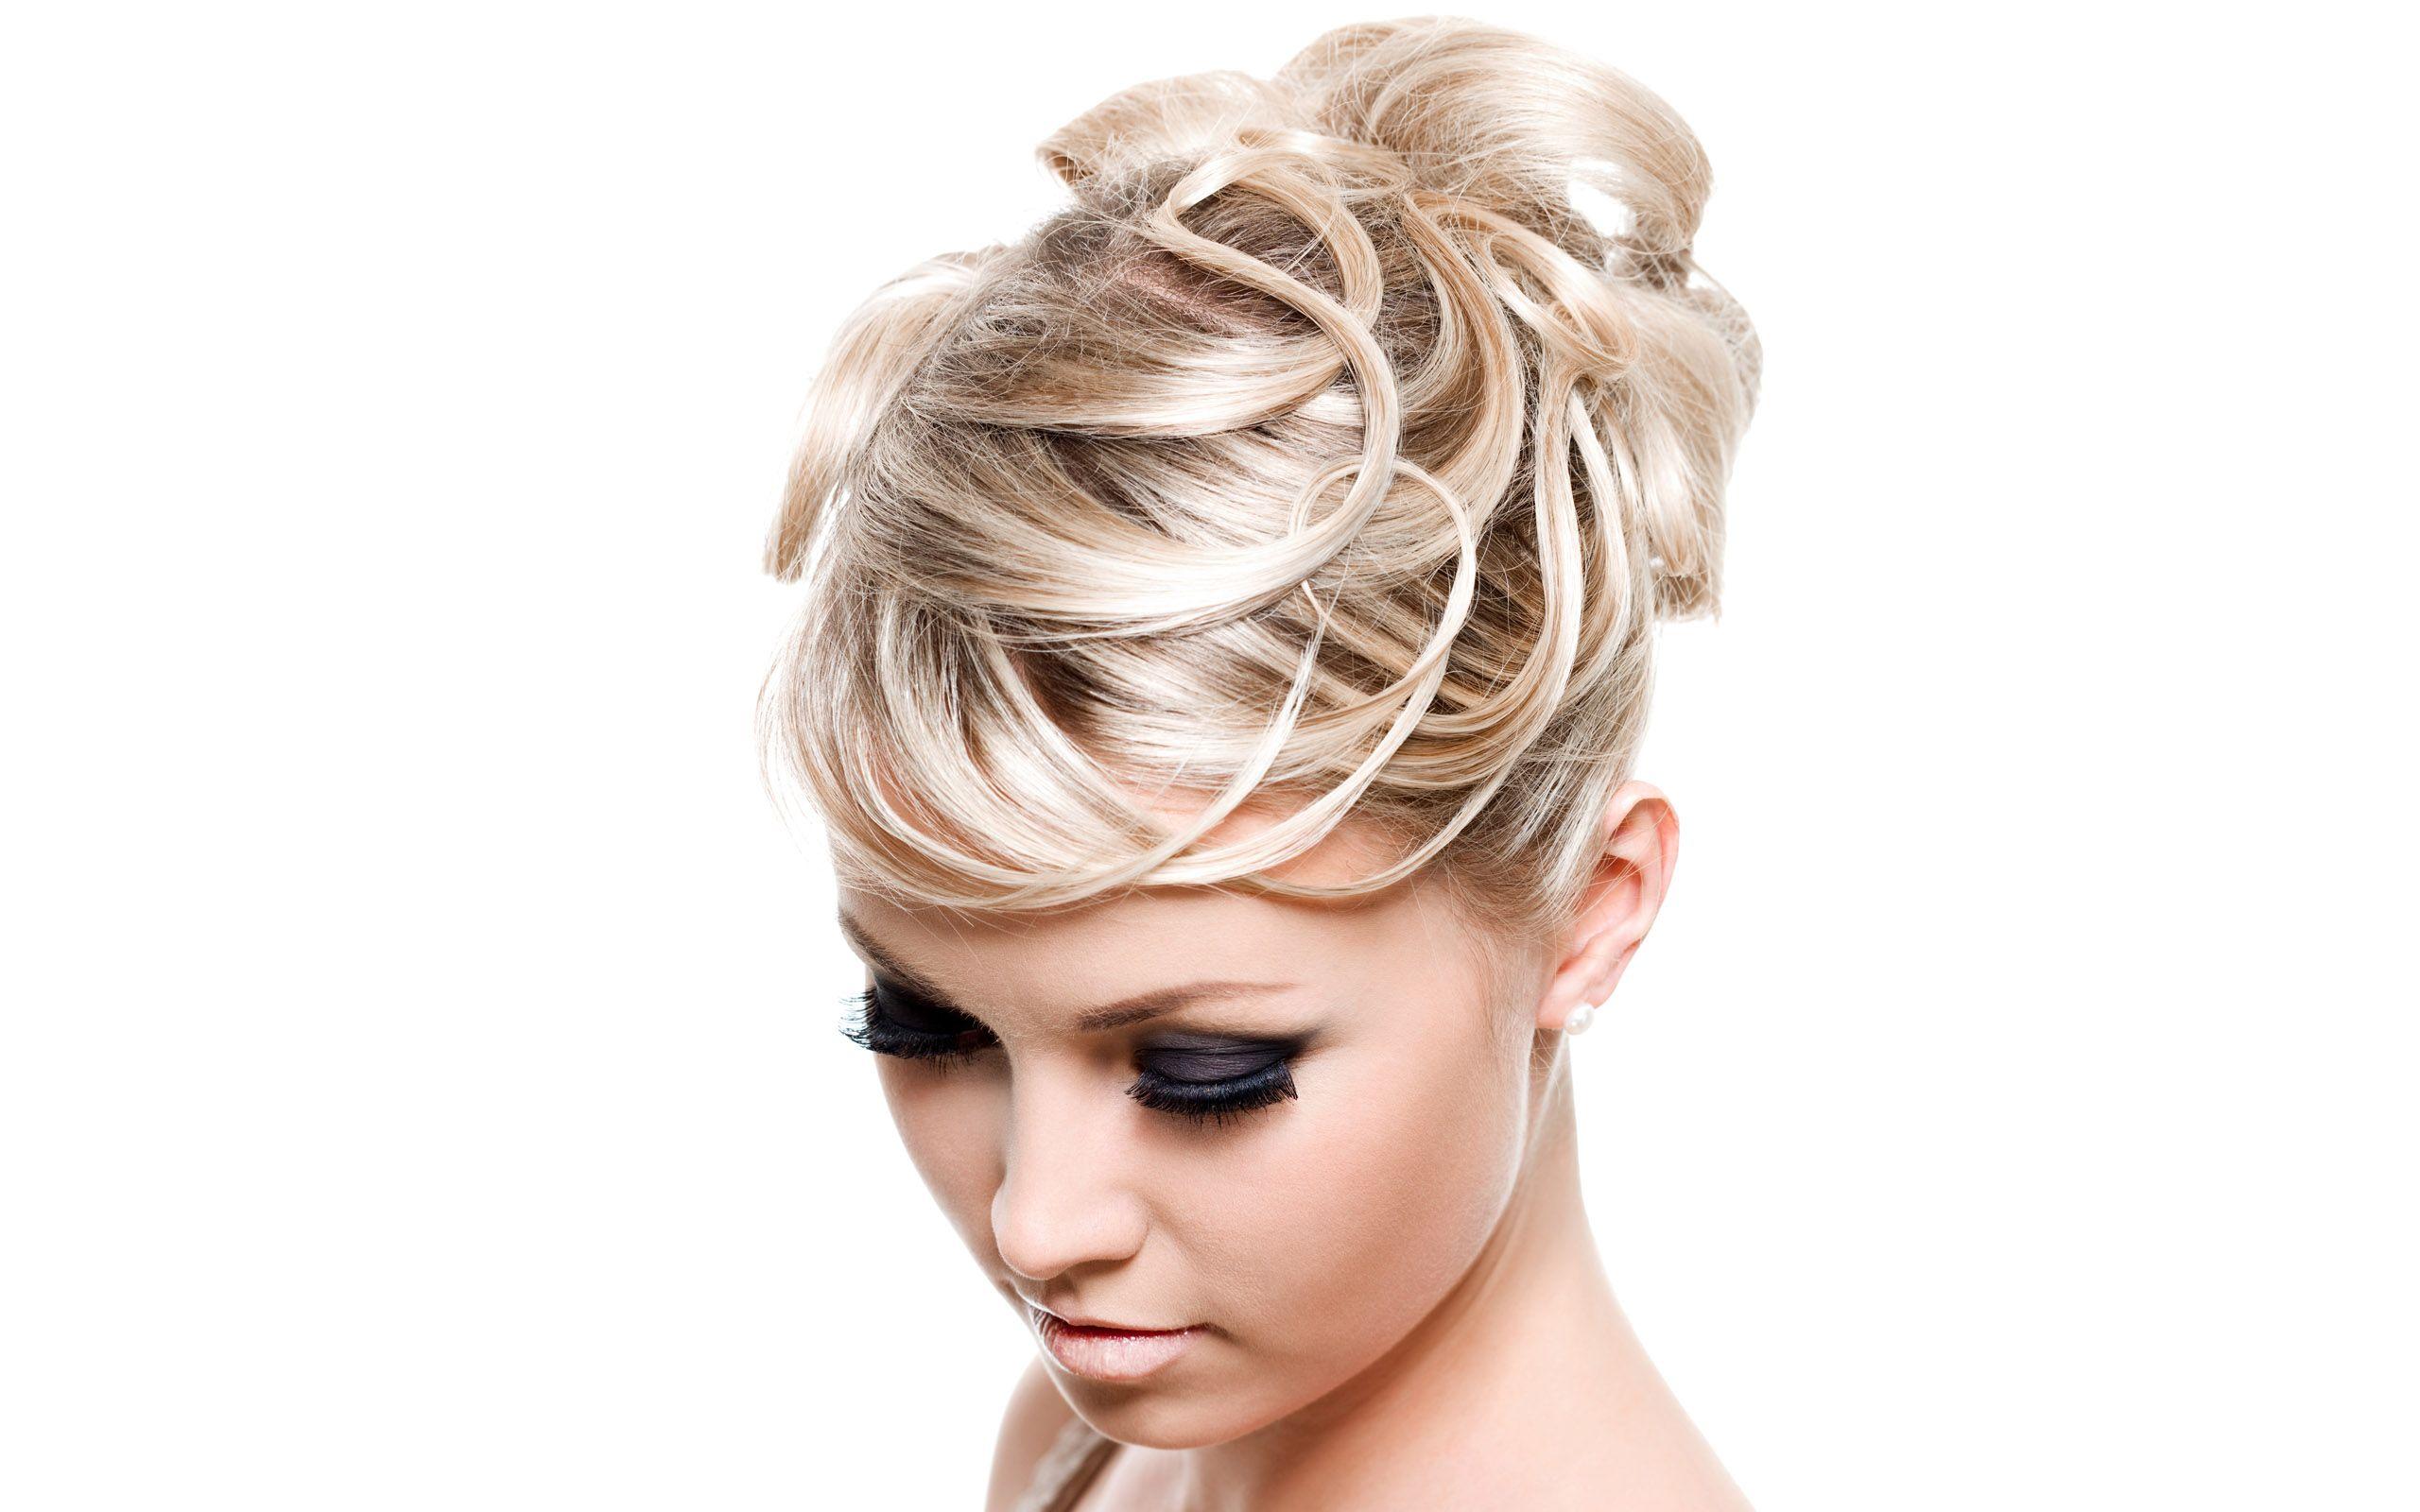 Girl Nice Hair Style | Hair | Pinterest | Hair style, Updos and Hair ...